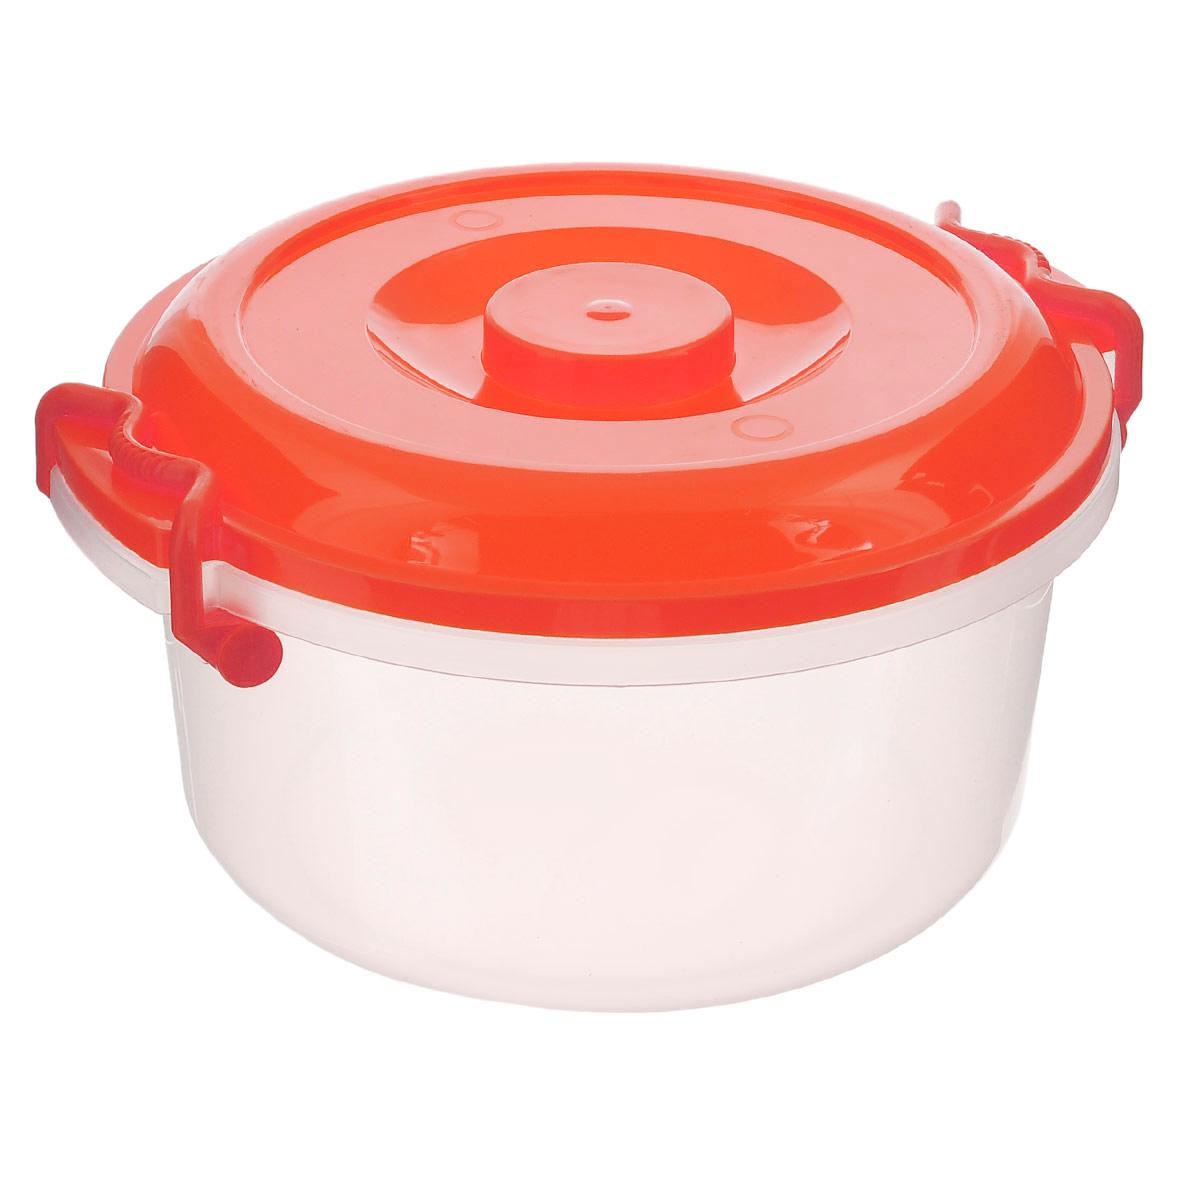 Контейнер Альтернатива, цвет: красный, прозрачный, 5 лМ097_красныйКонтейнер Альтернатива изготовлен из высококачественного пищевого пластика. Изделие оснащено крышкой и ручками, которые плотно закрывают контейнер. Также на крышке имеется ручка для удобной переноски. Емкость предназначена для хранения различных бытовых вещей и продуктов. Такой контейнер очень функционален и всегда пригодится на кухне. Диаметр контейнера (без учета крышки): 25 см. Высота стенок: 13,5 см. Объем: 5 л.